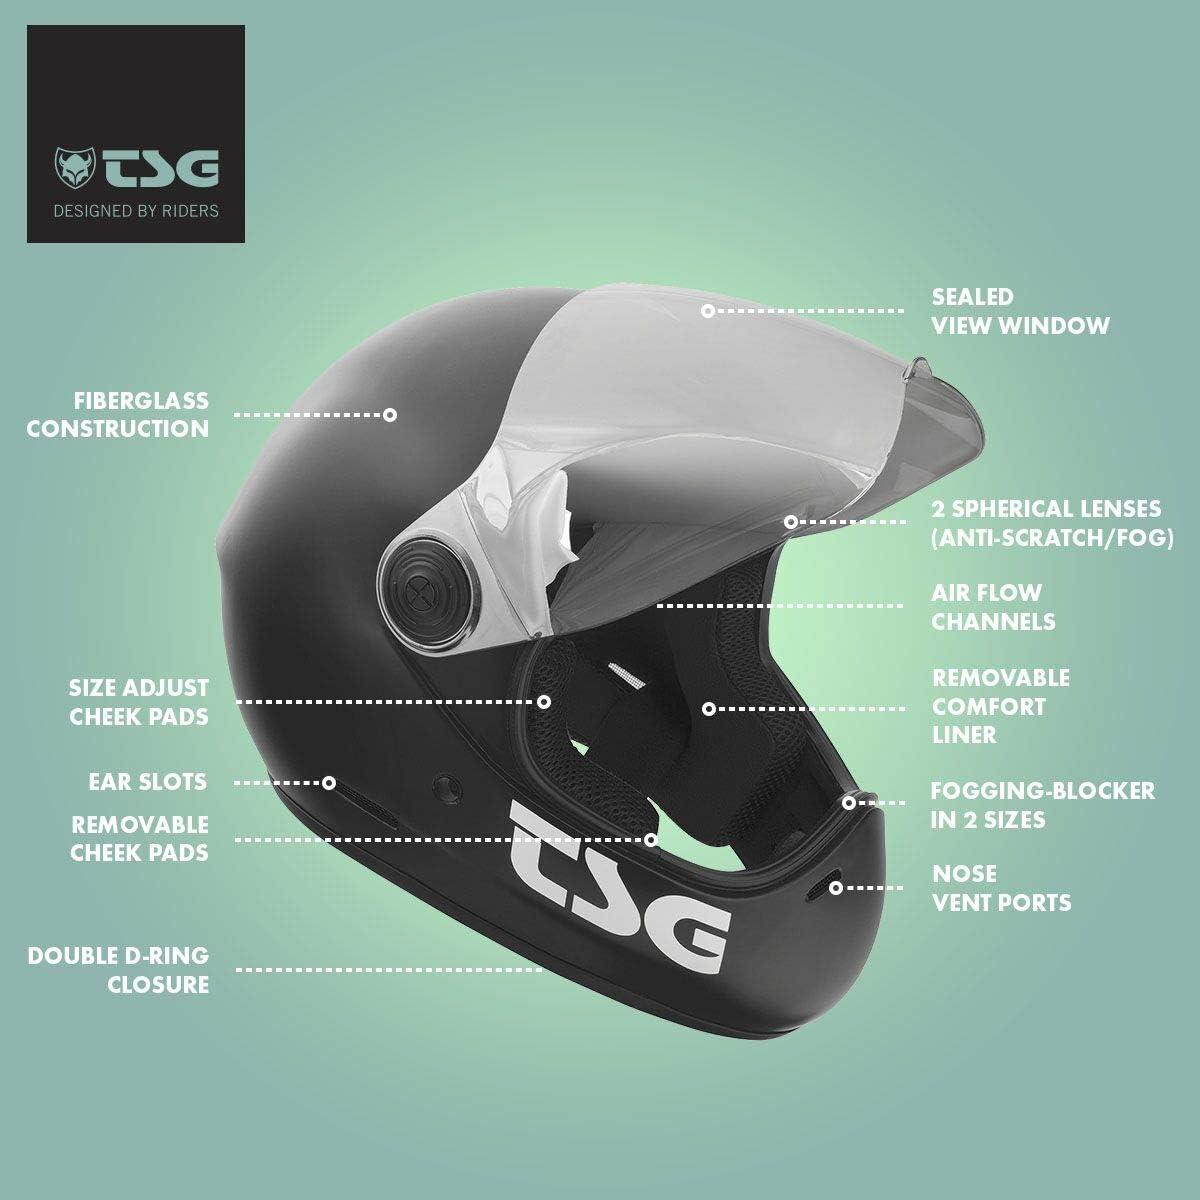 Matt Black E-Skating Longboarding TSG Pass Full-face Helmet with Two Visors Included for Downhill Skateboarding E-Onewheeling